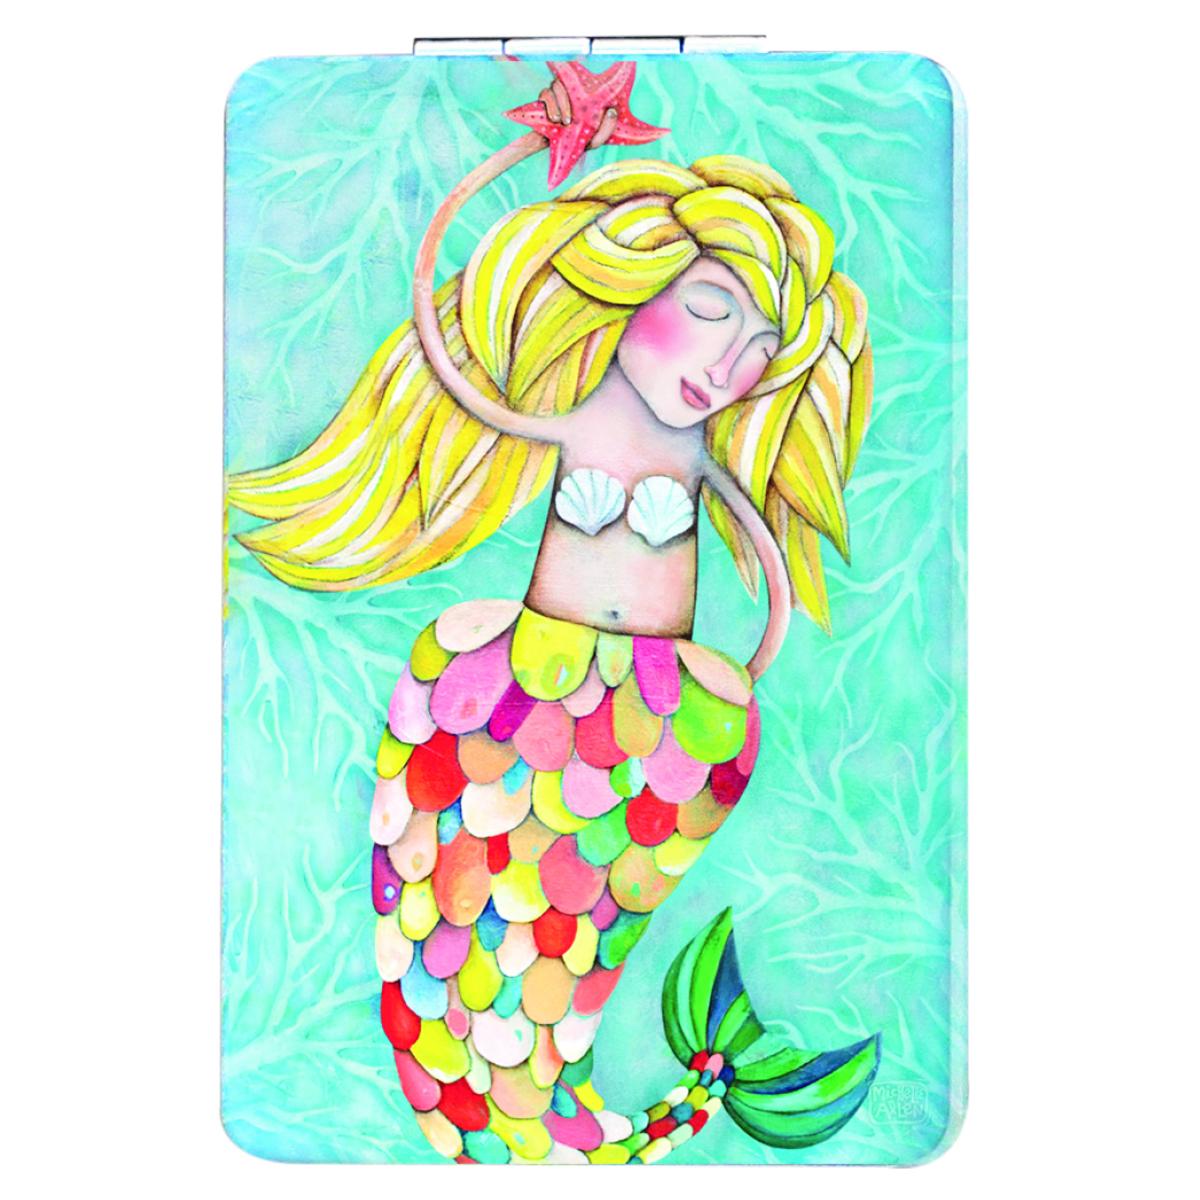 Miroir de poche \'Allen Designs\' turquoise multicolore (sirène) - 85x55 cm - [Q1979]